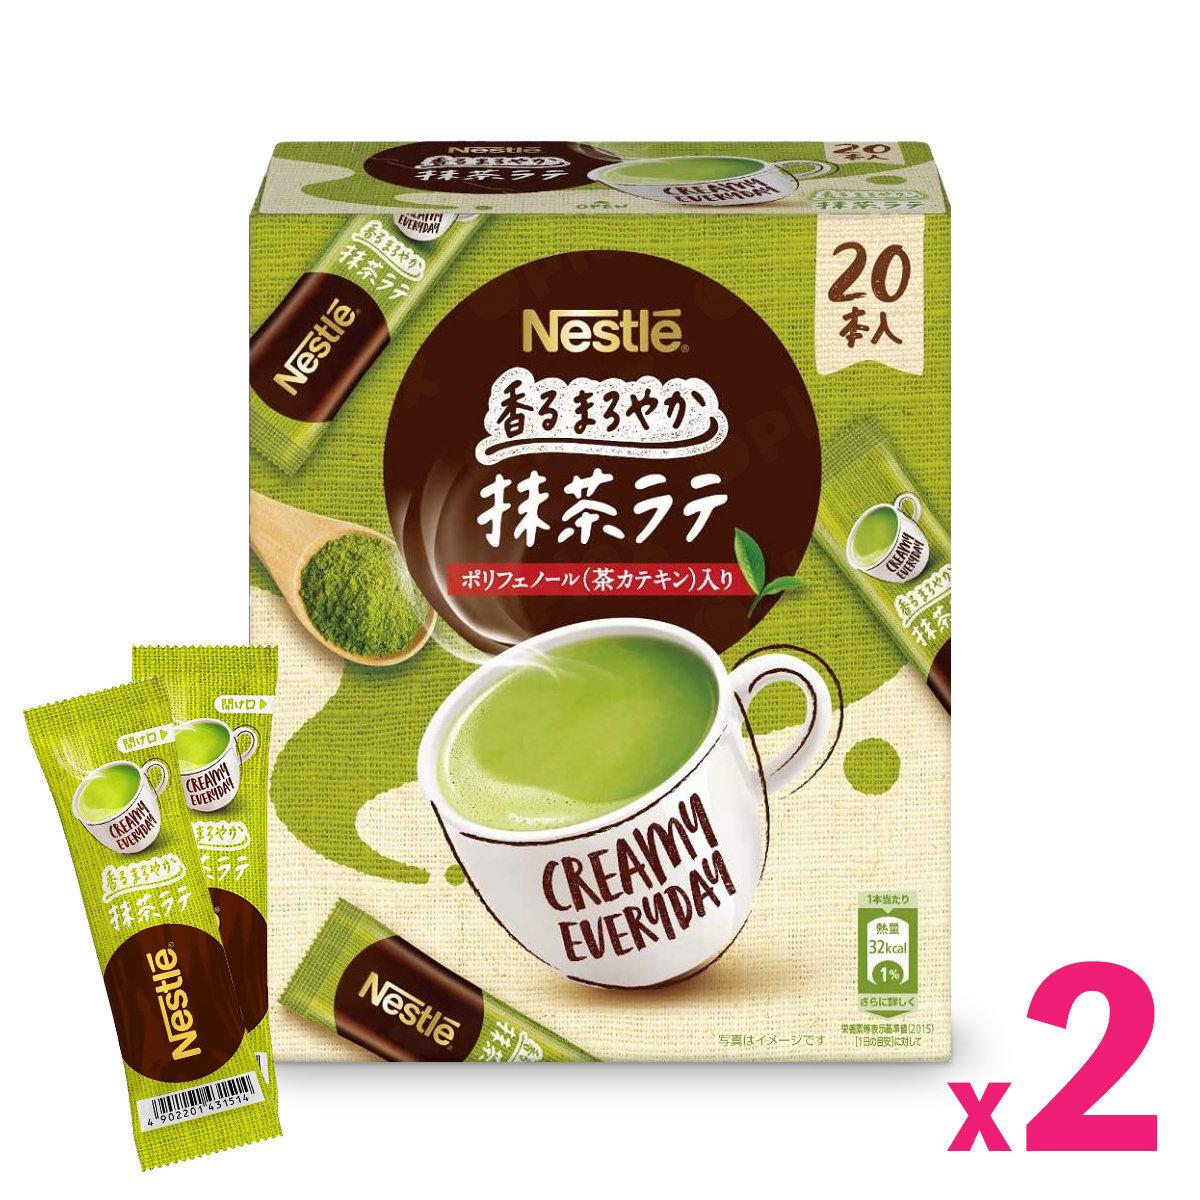 「日本版」即沖絲滑抹茶拿鐵 (20包) x 2盒